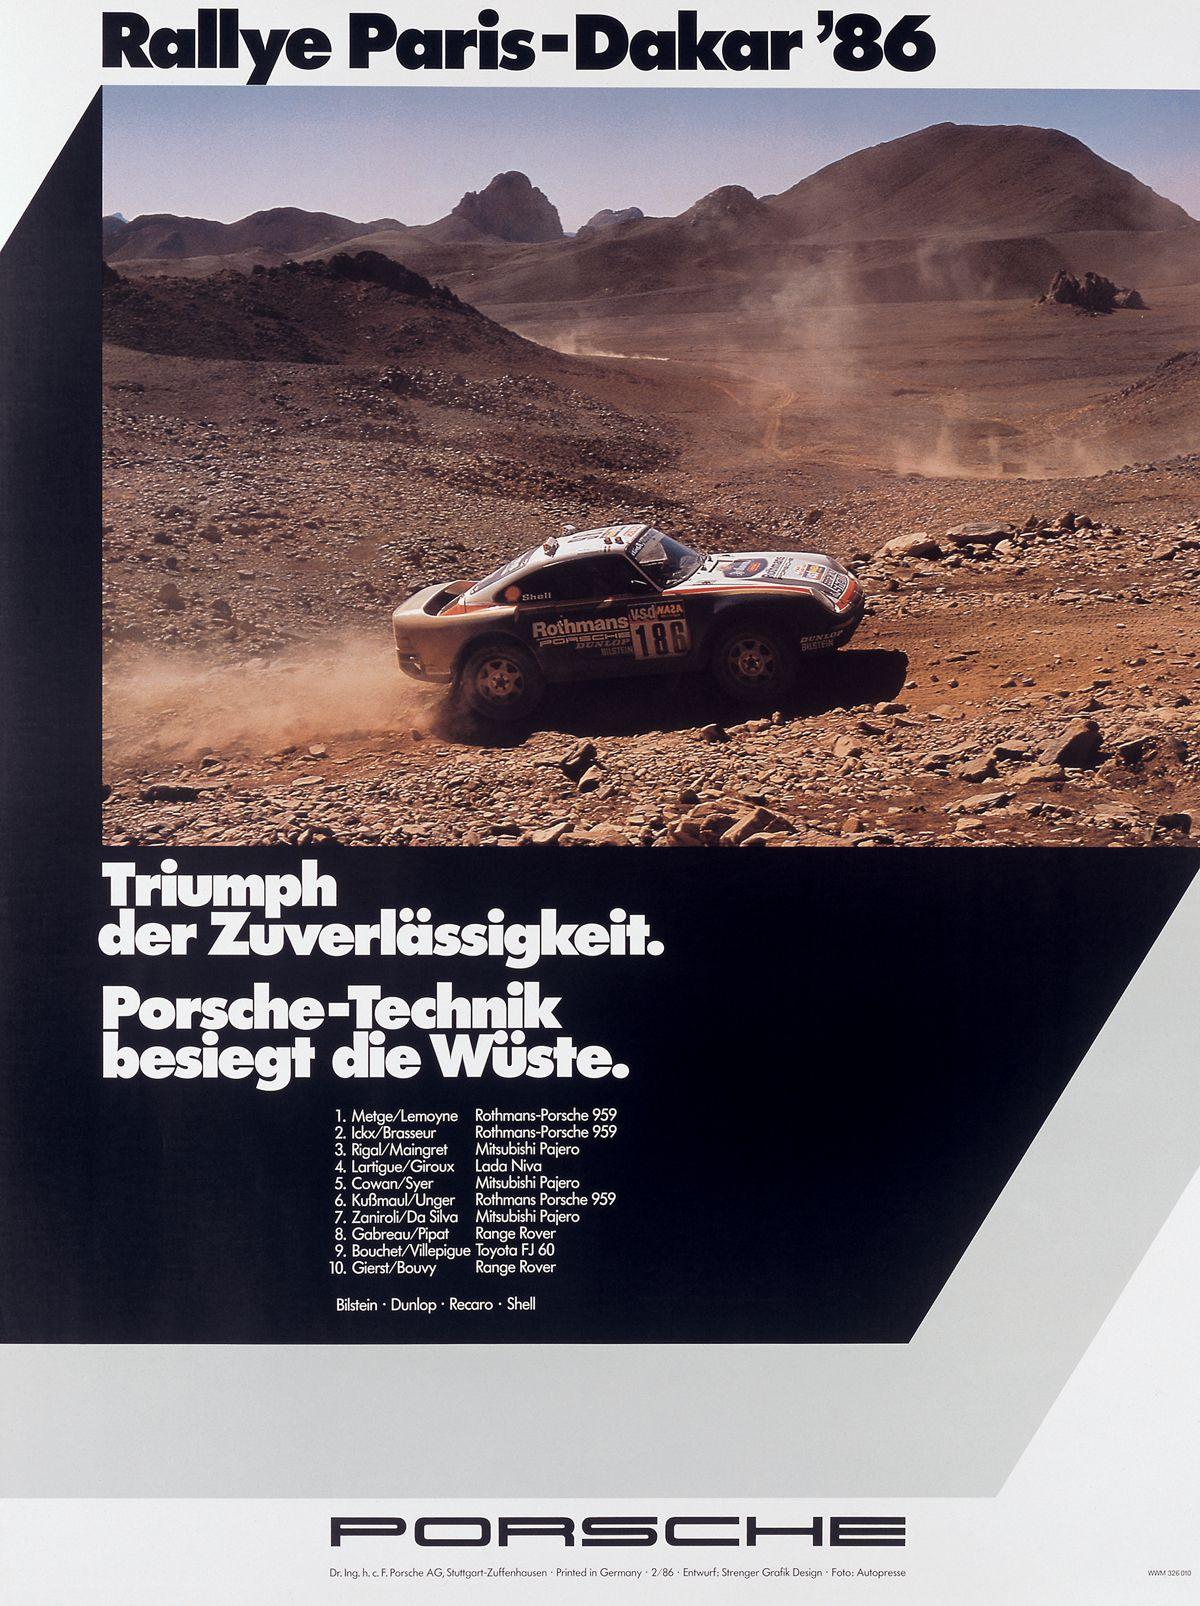 cartel Dakar